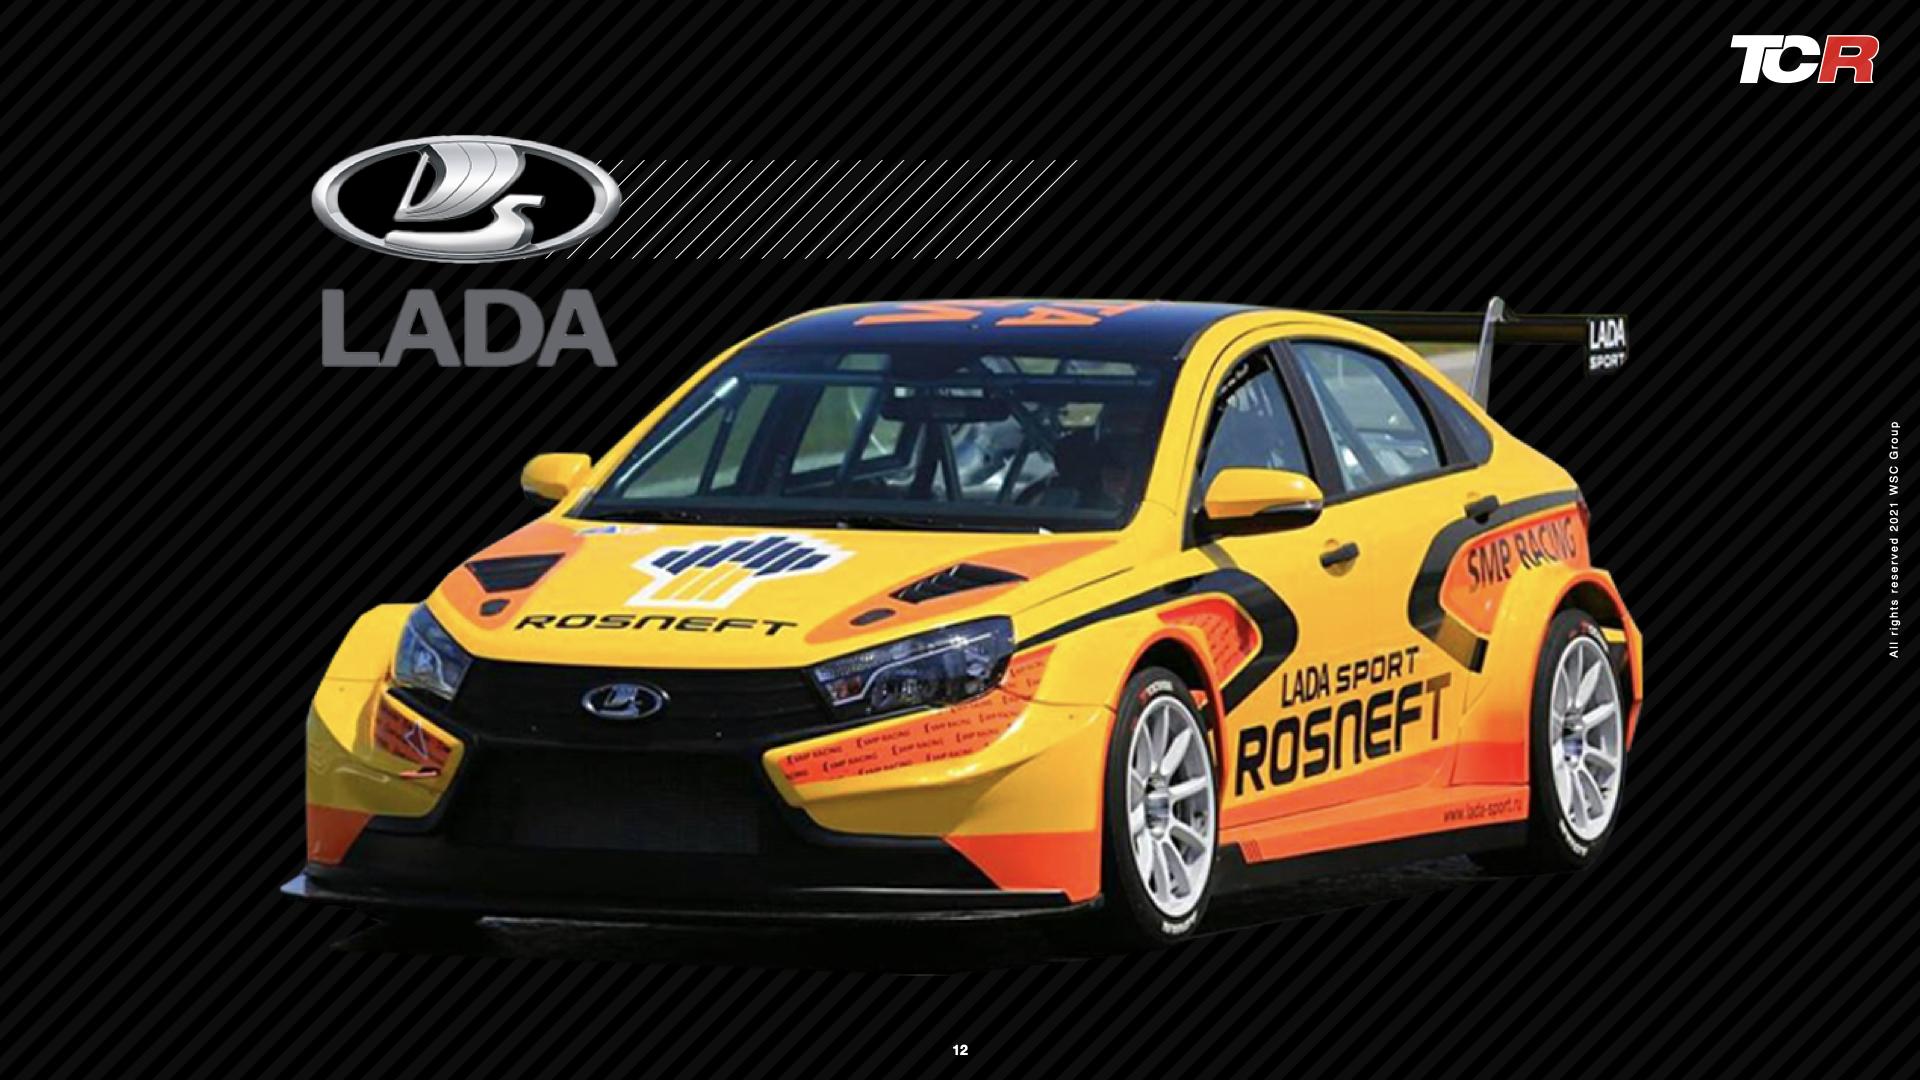 LADA Vesta Sport TCR